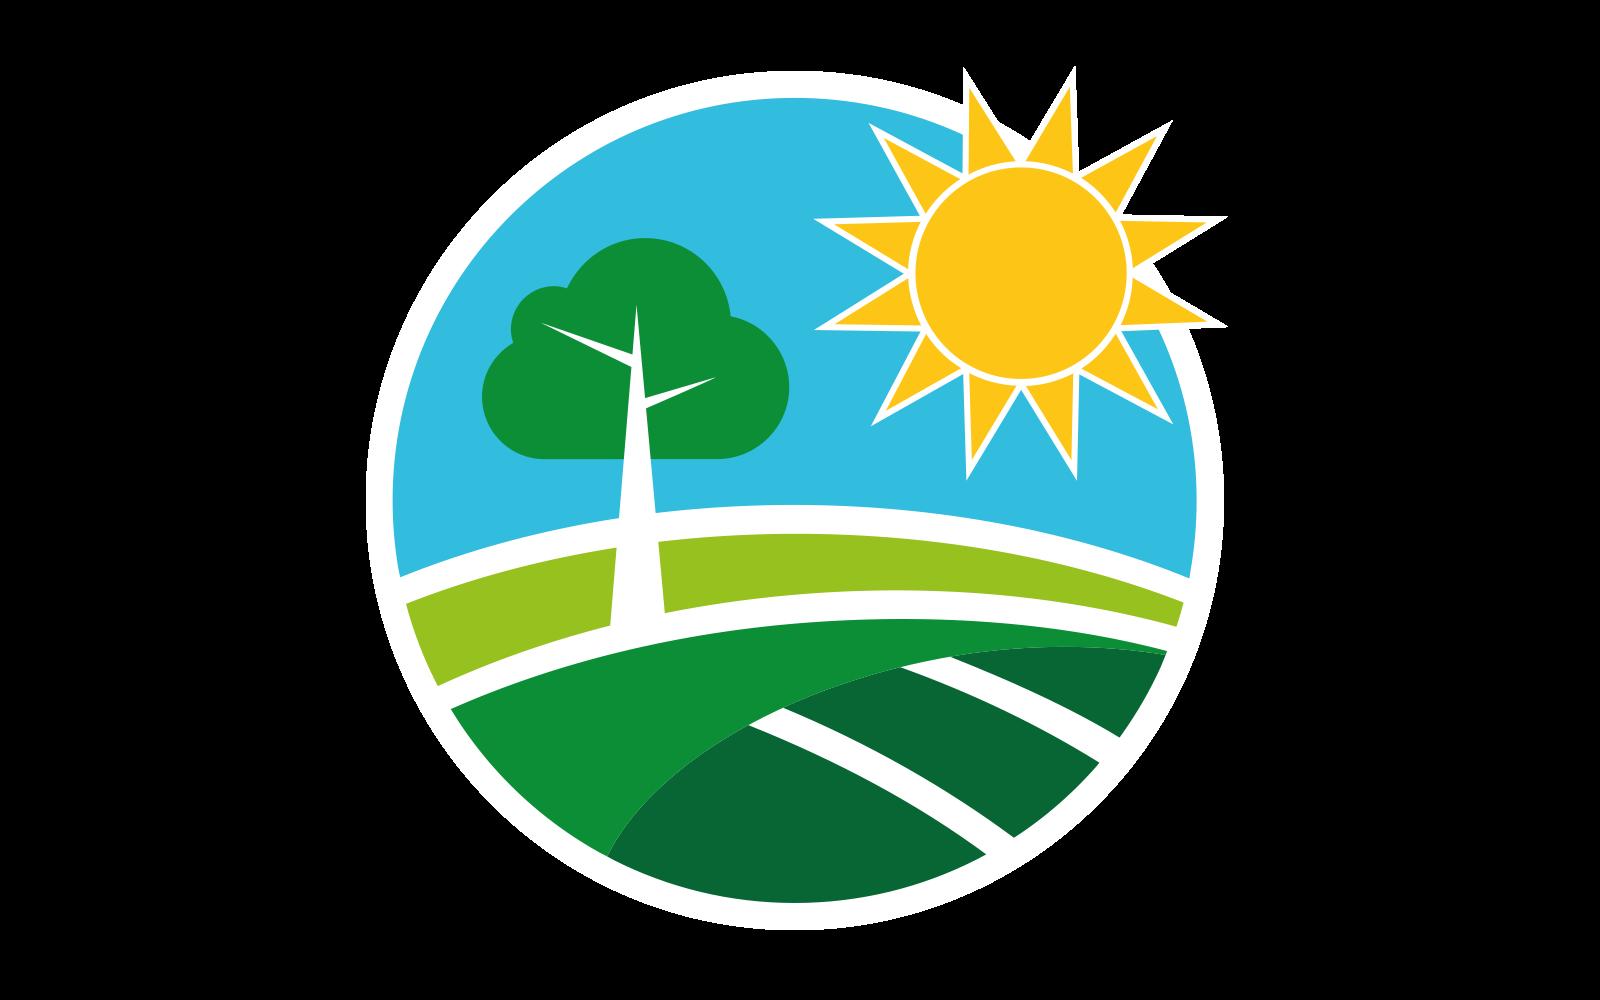 pf-logo-varkenshaas-1